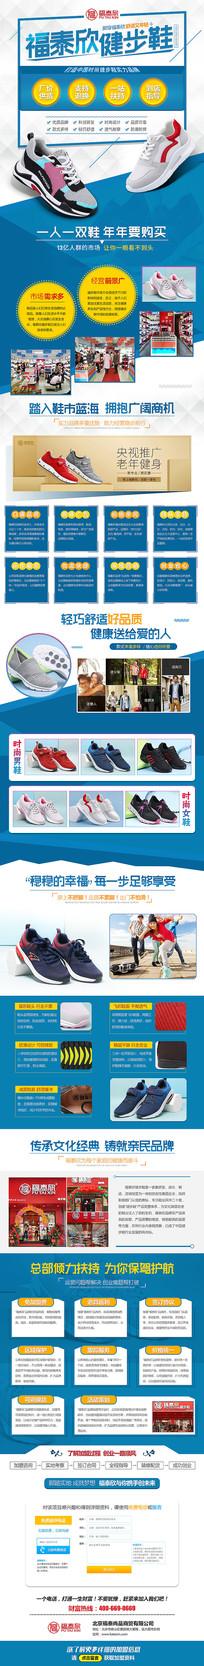 淘宝天猫篮球鞋招商详情页